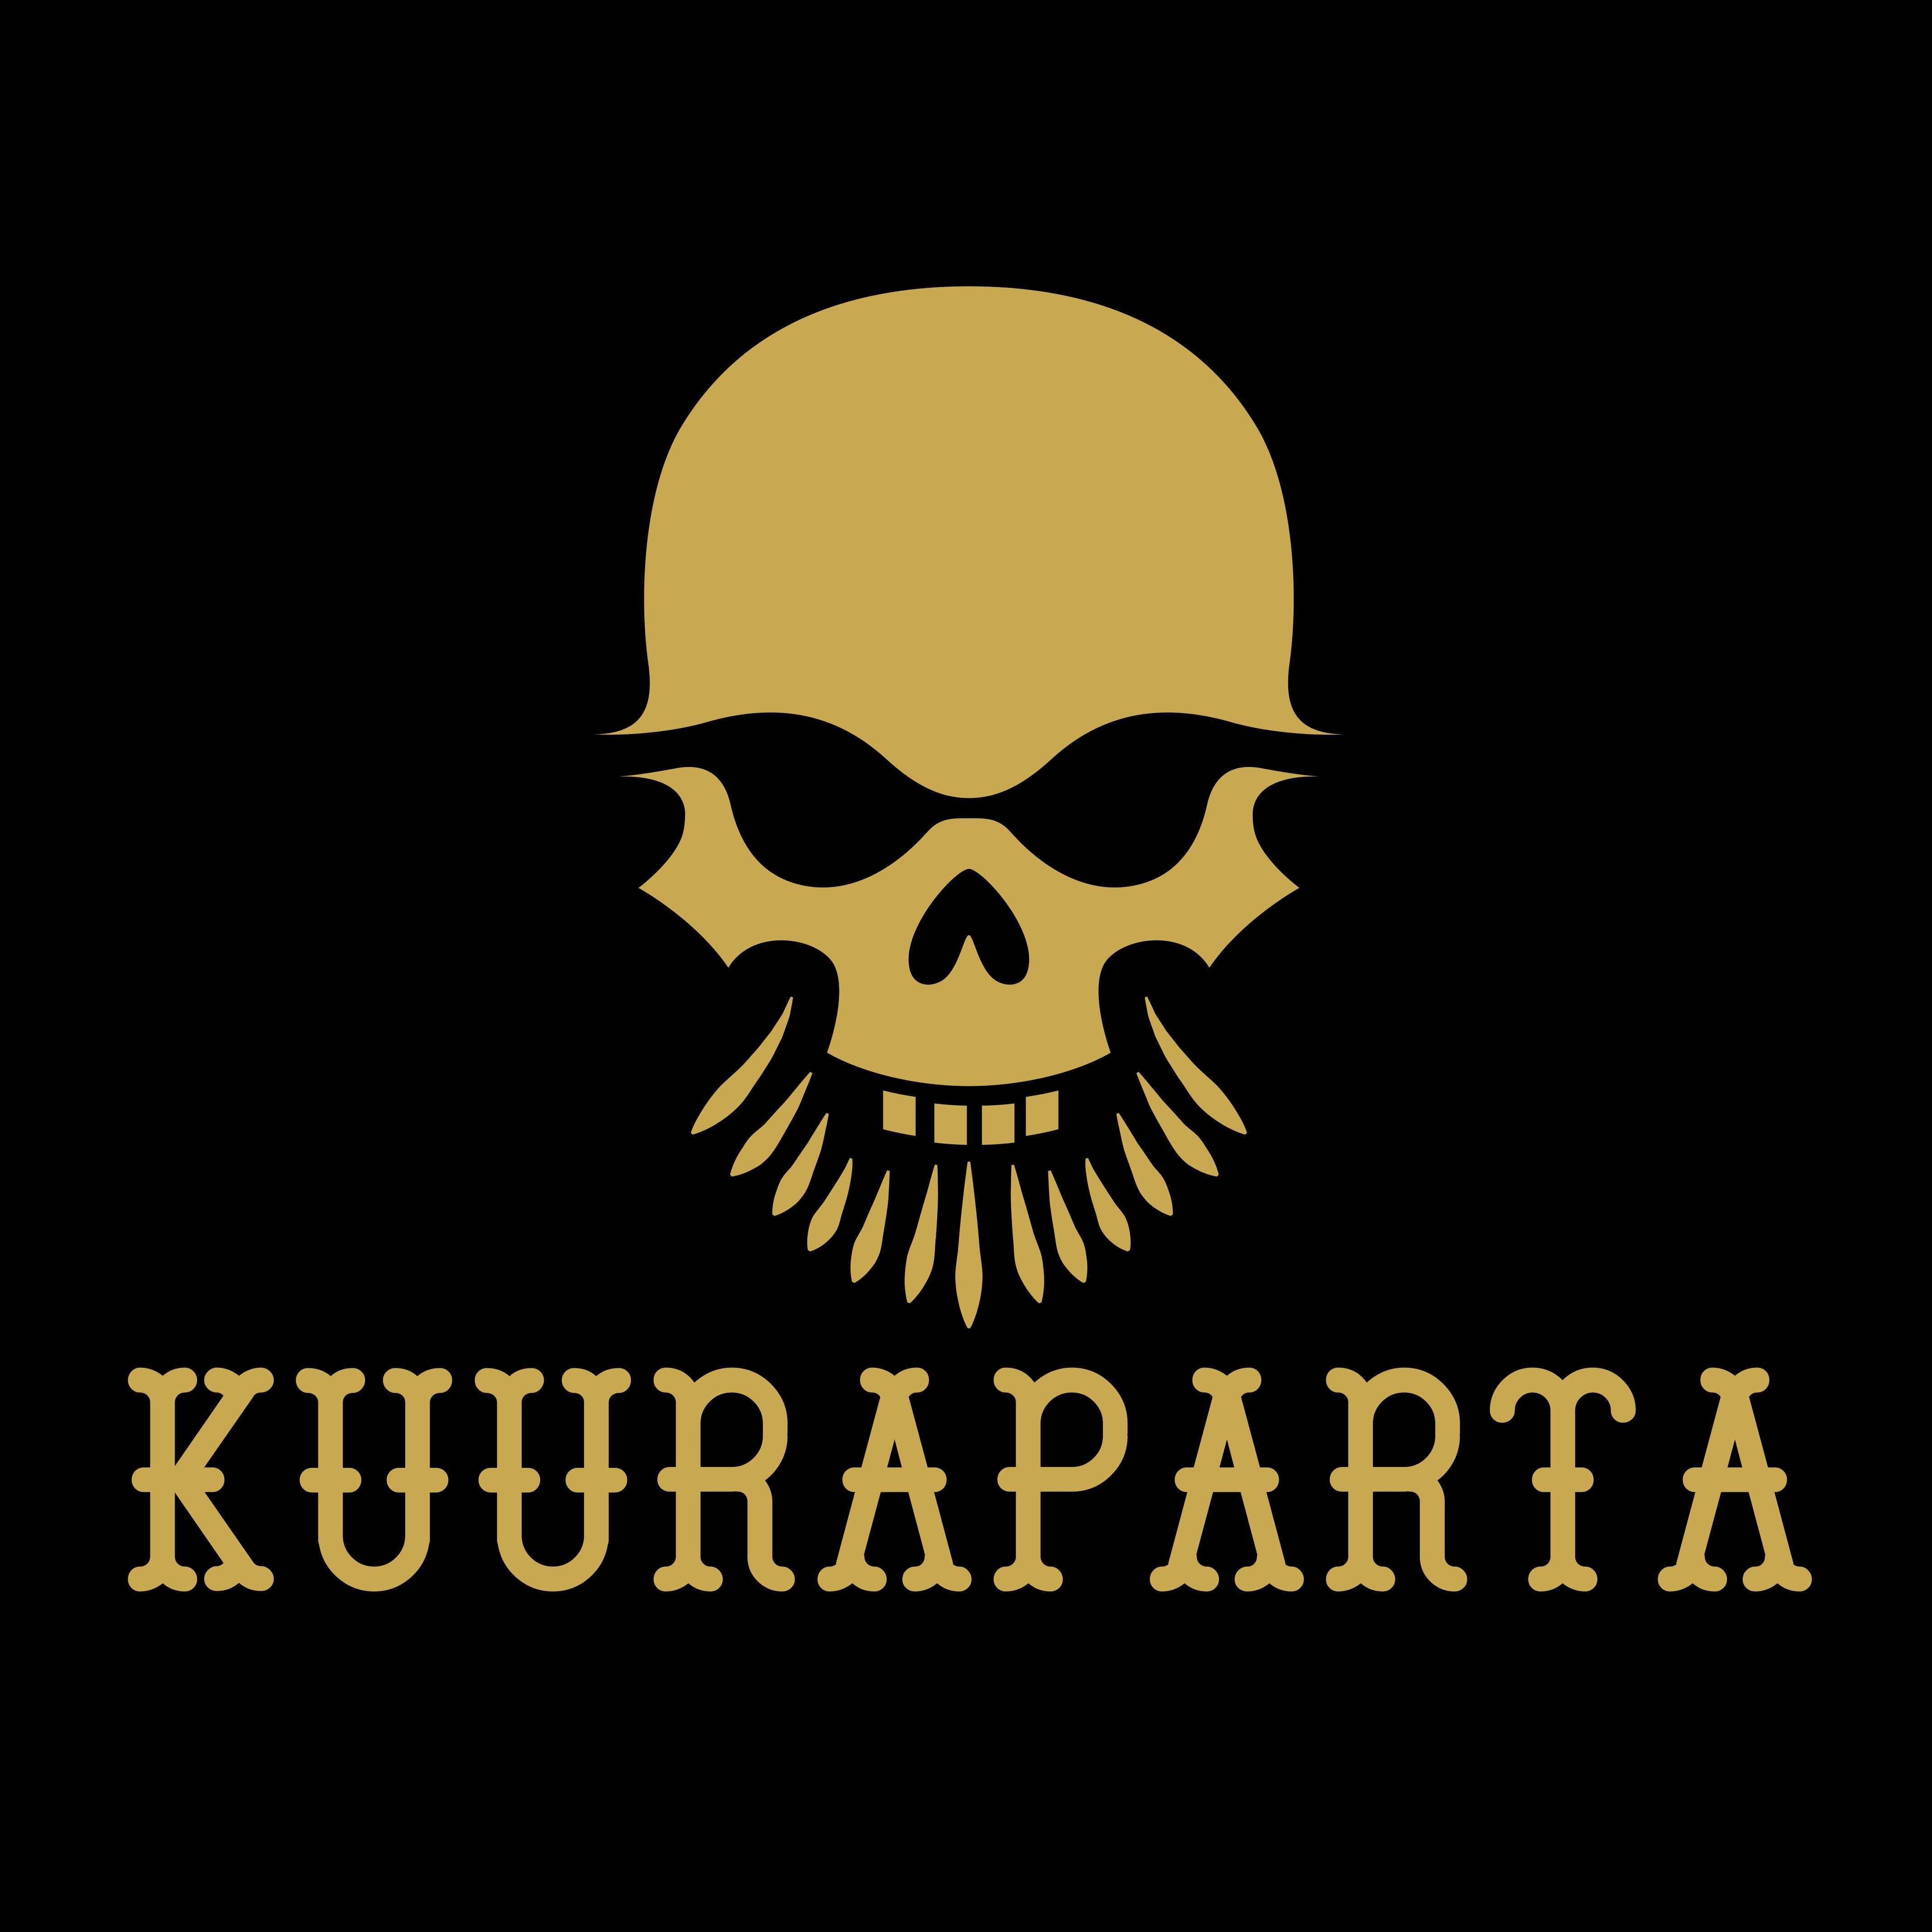 Kuuraparta